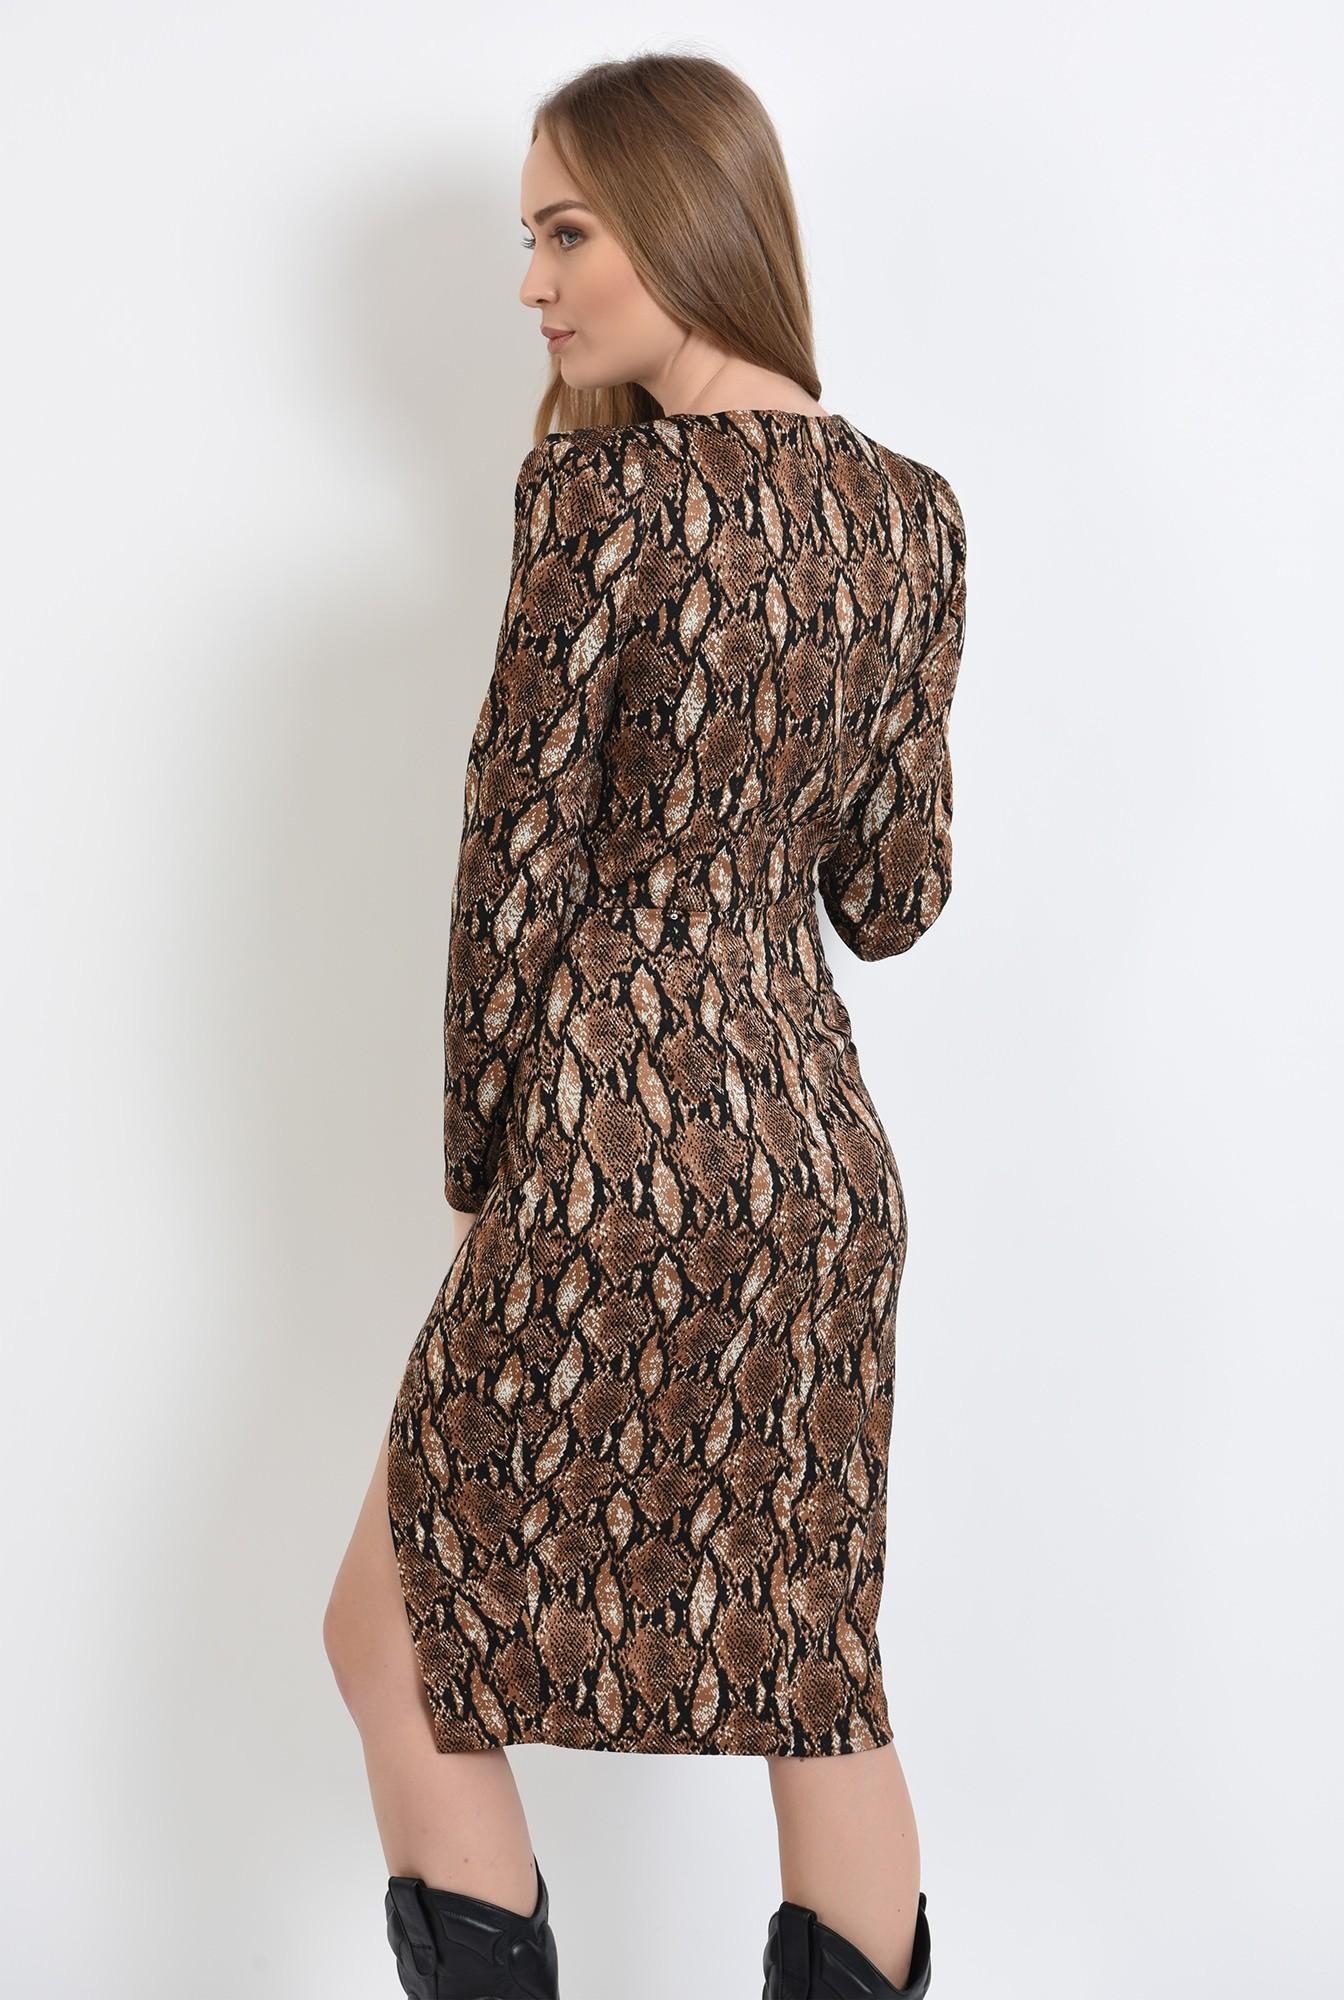 1 - rochie cu imprimeu, midi, cu umeri accentuati, cu slit